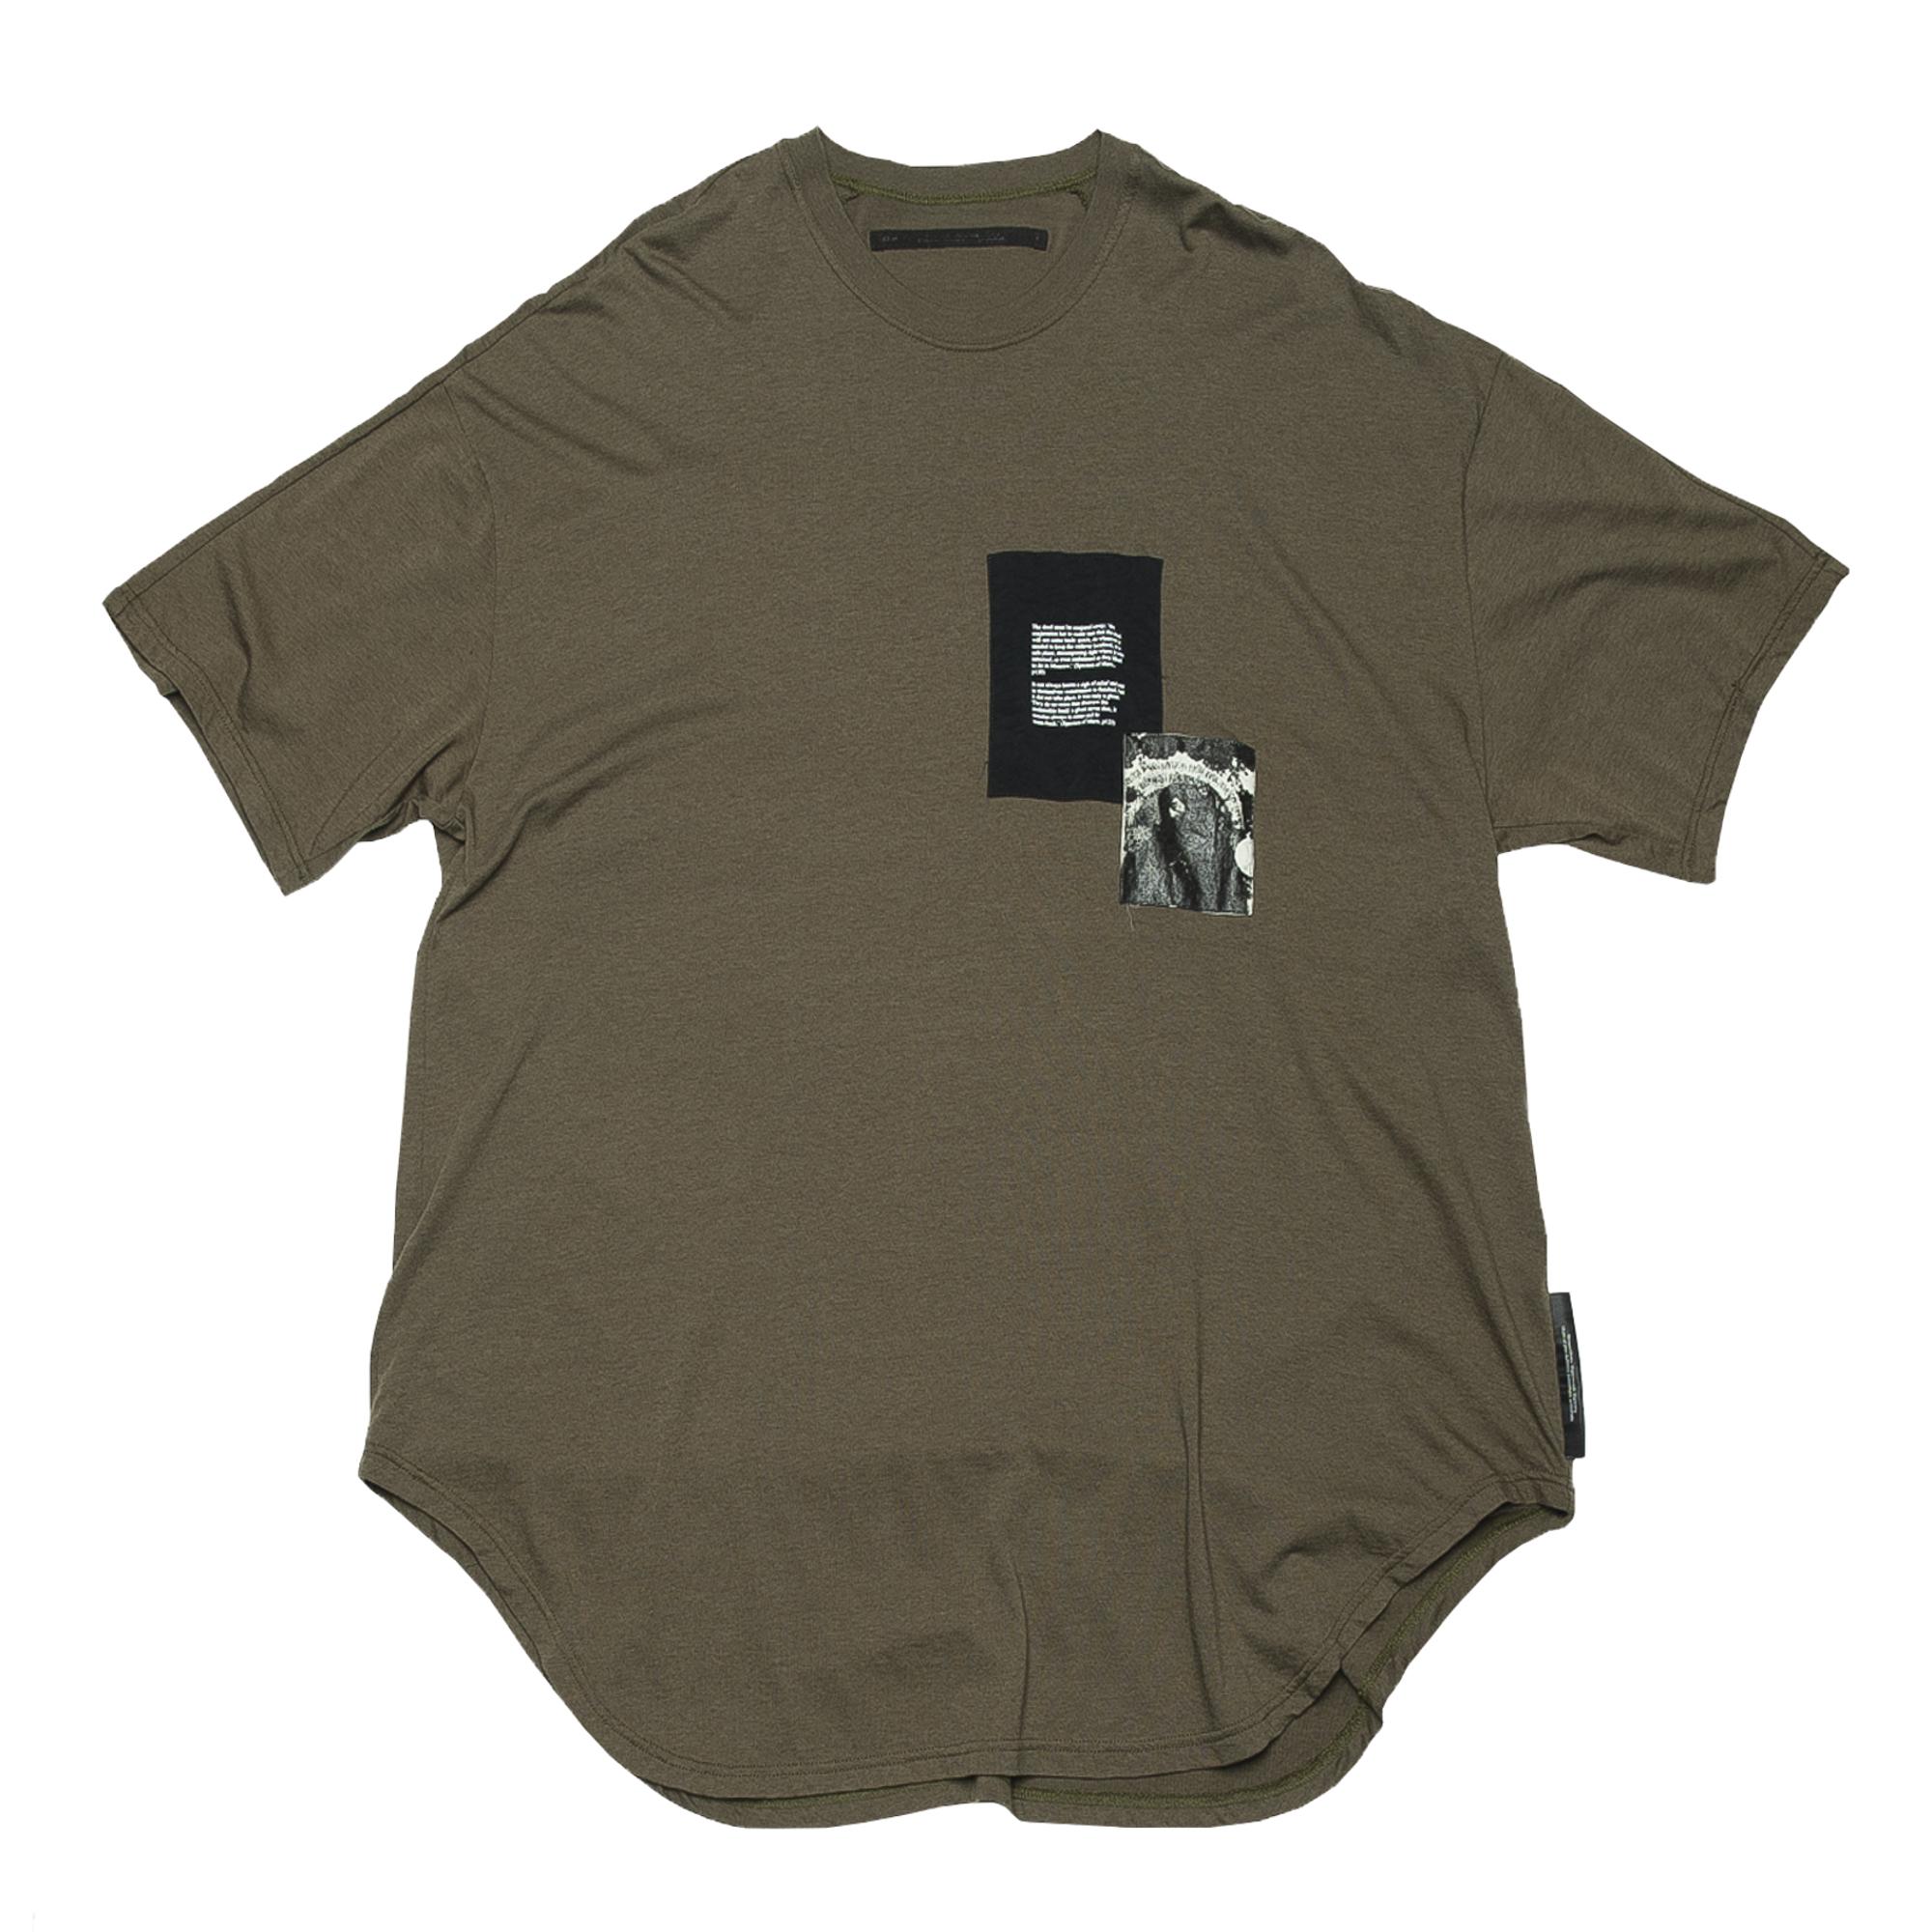 687CPM1-KHAKI / パッチプリント OS Tシャツ